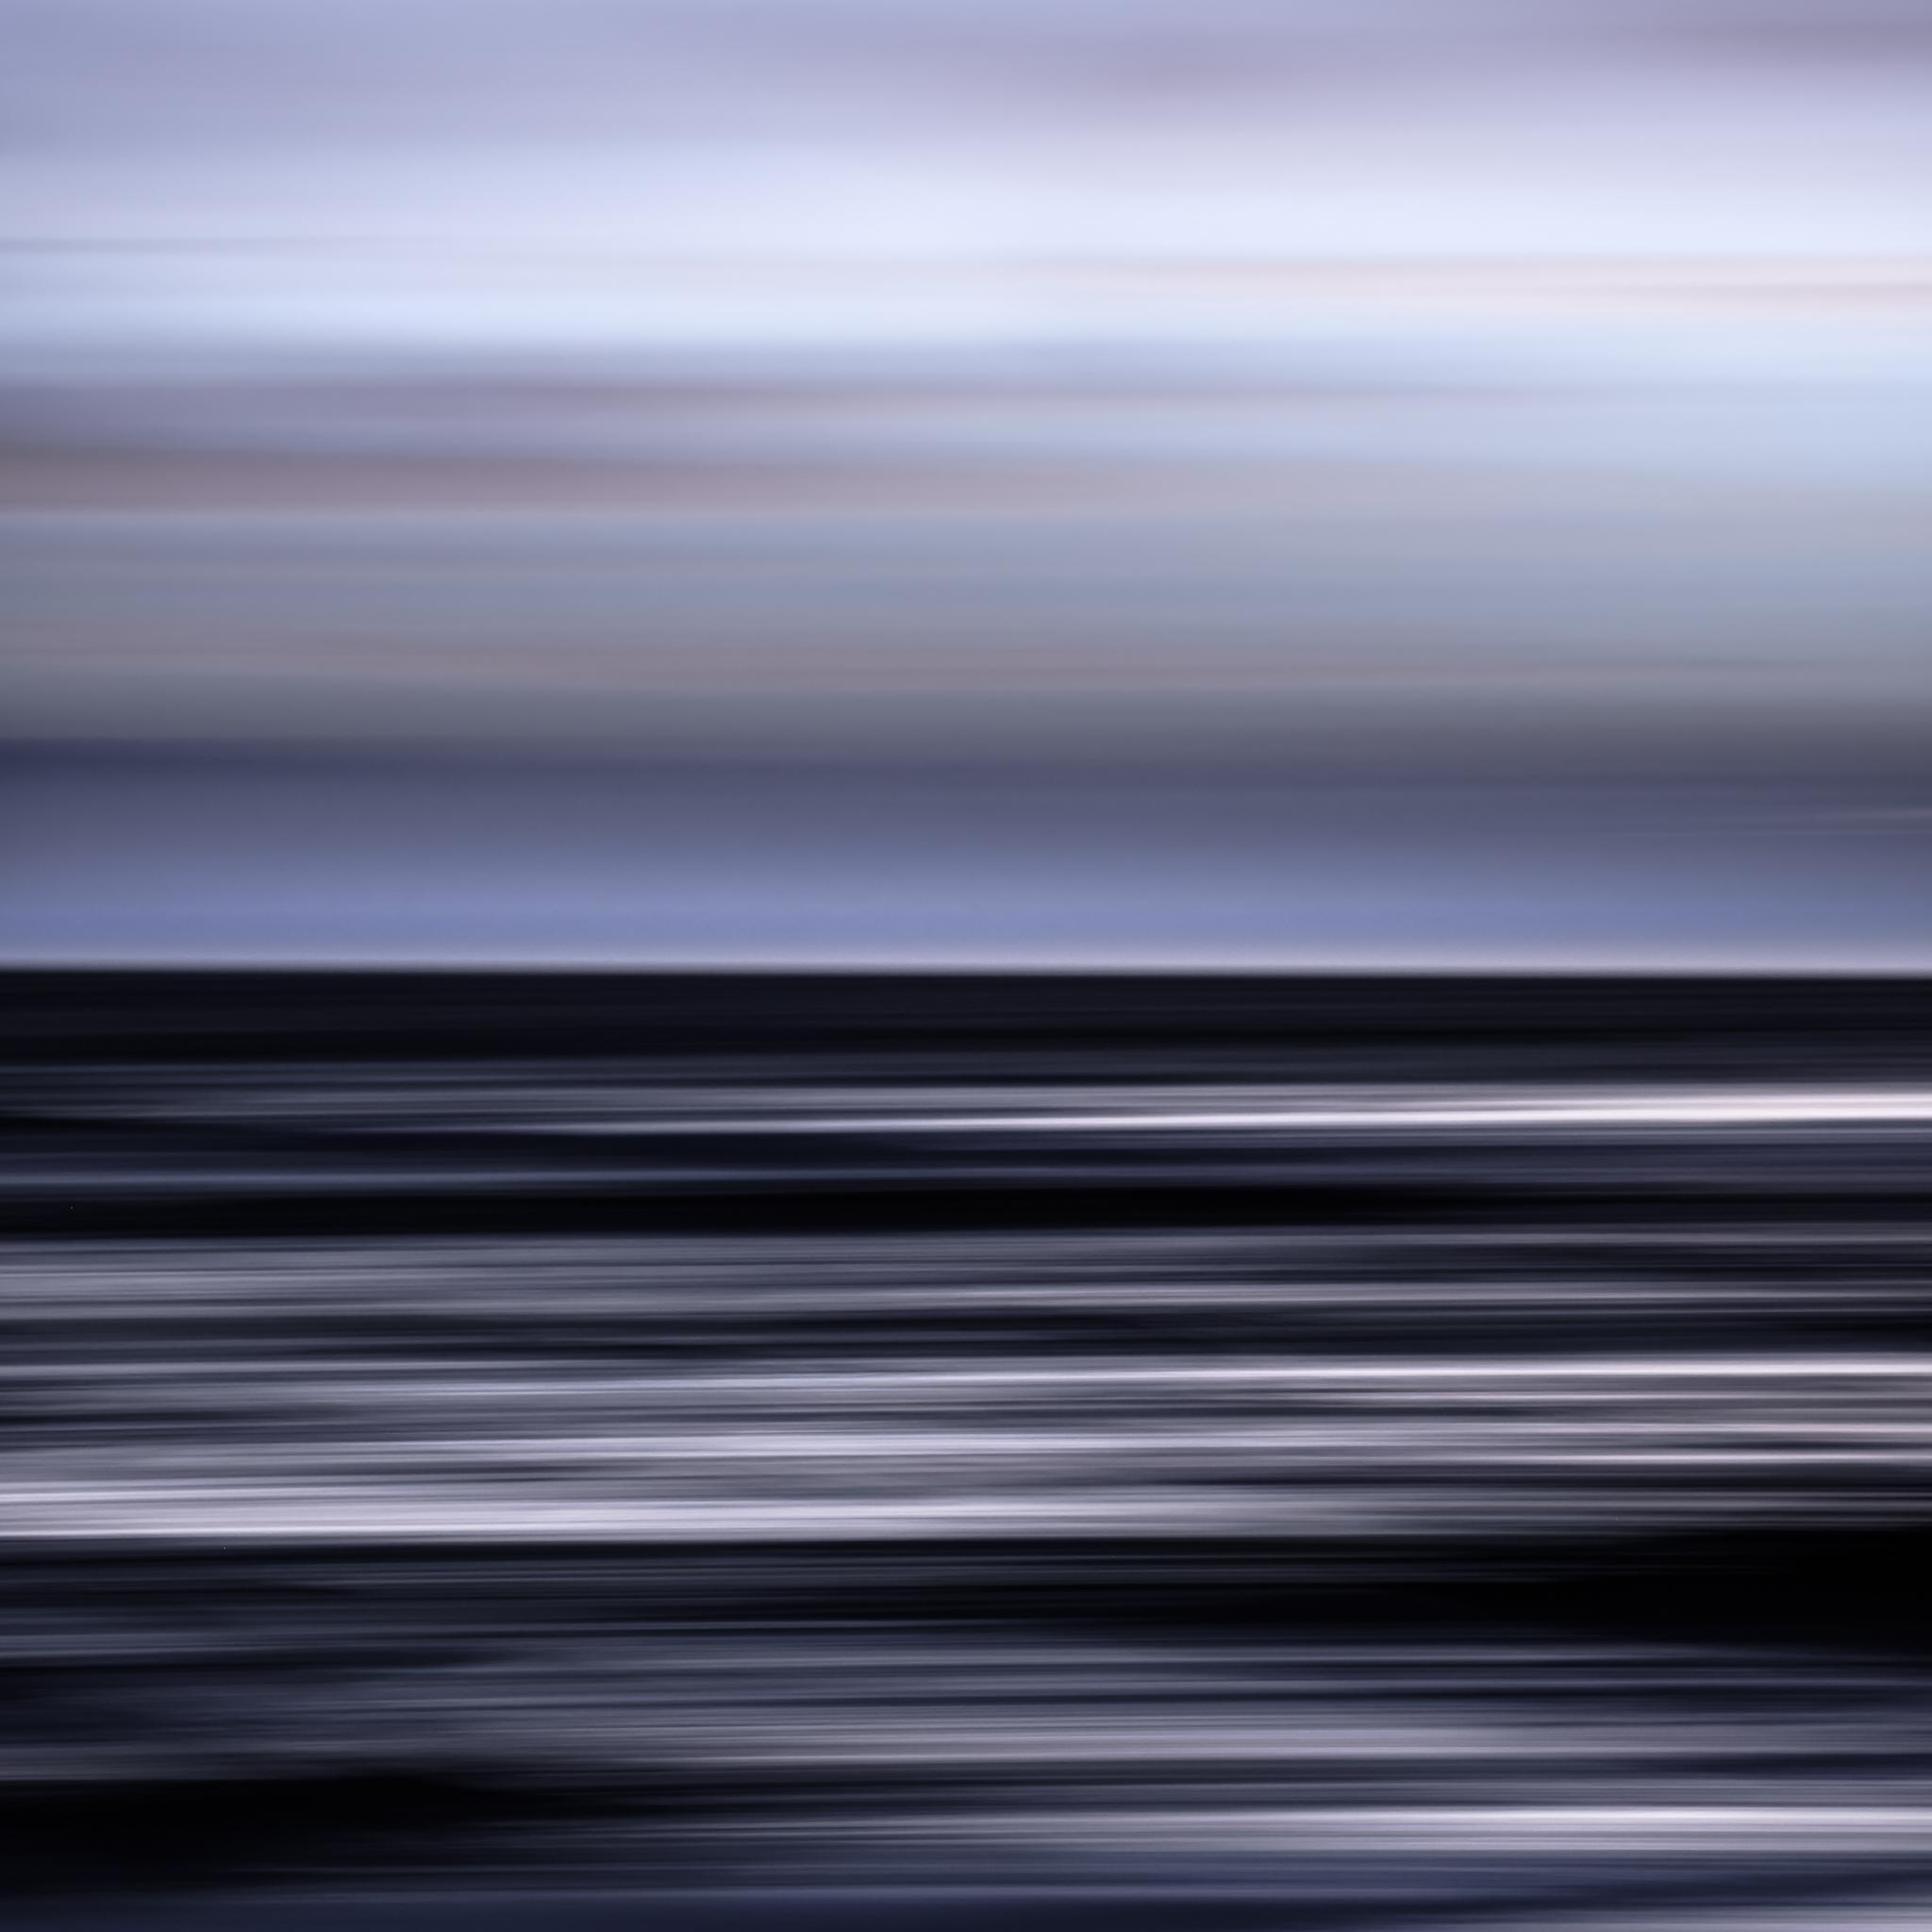 North Sea, Schoorl IV, 2017